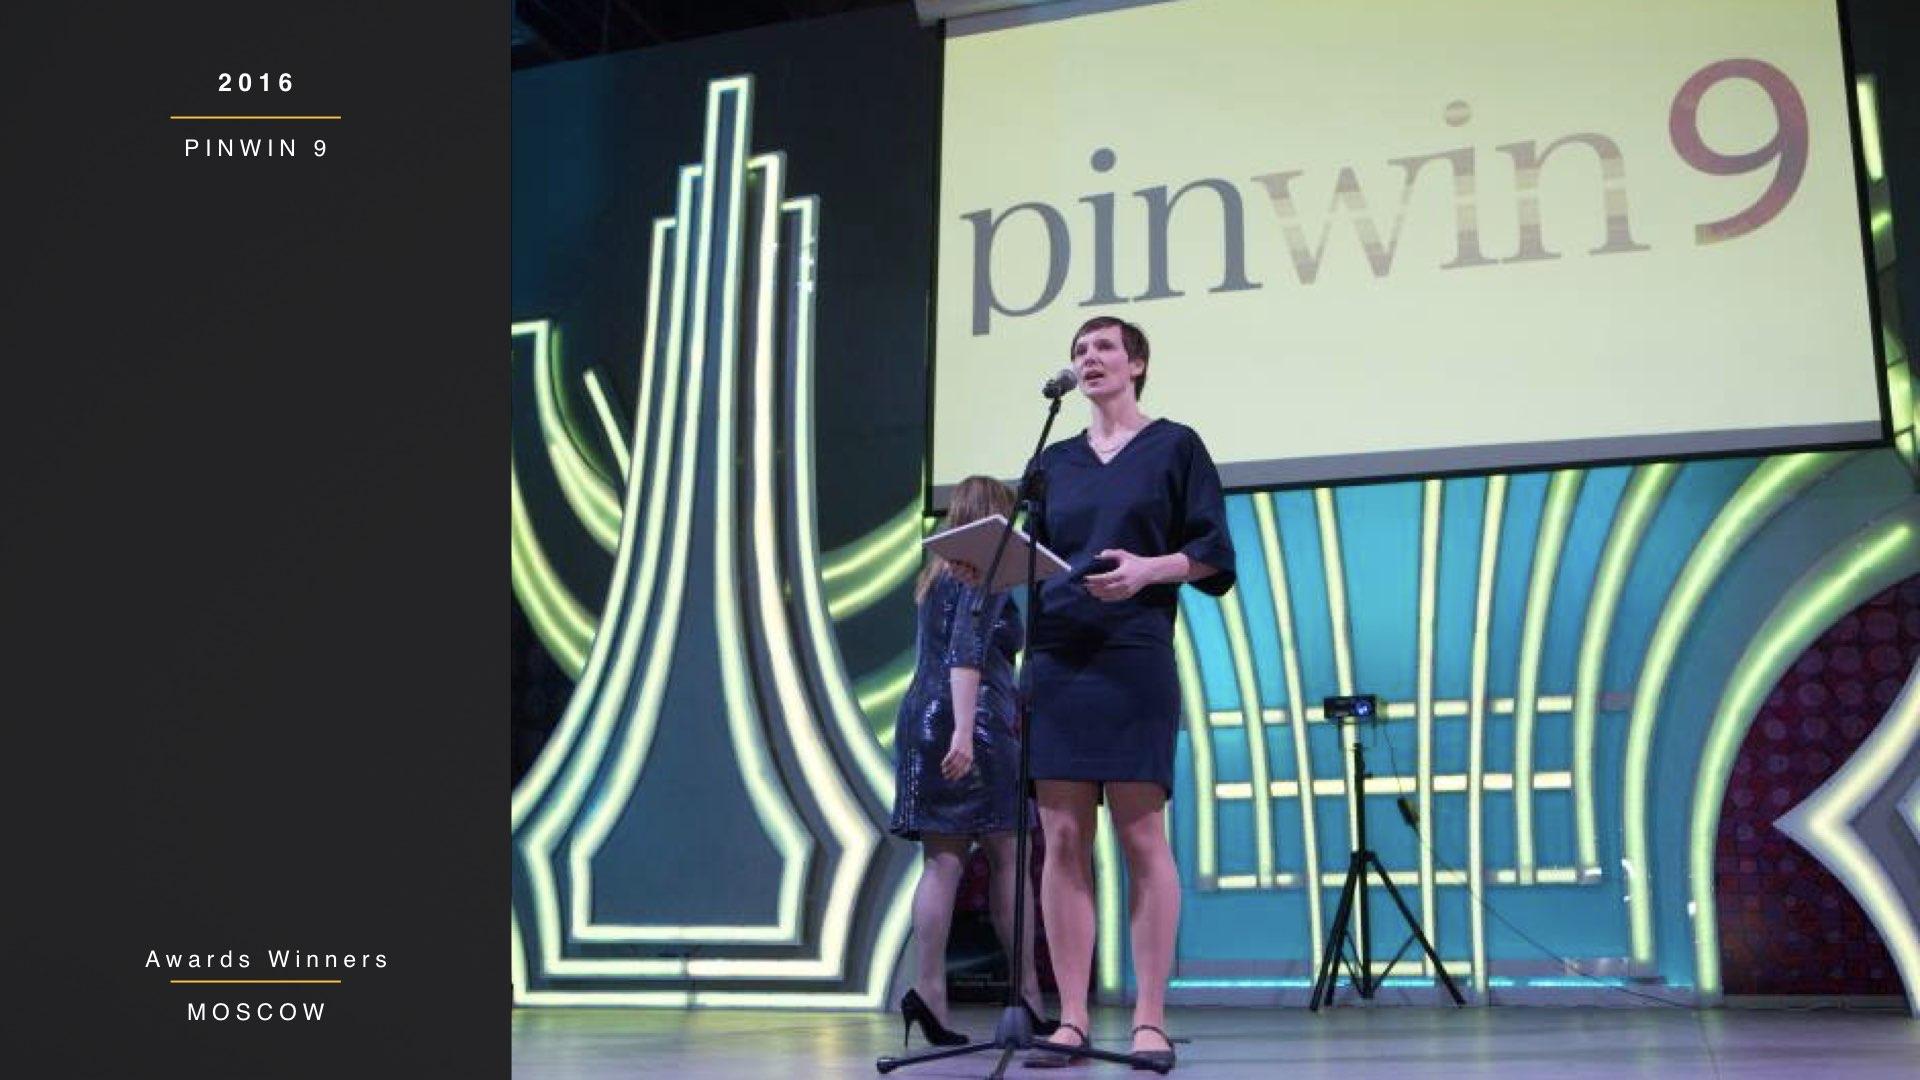 pinwin-9-005